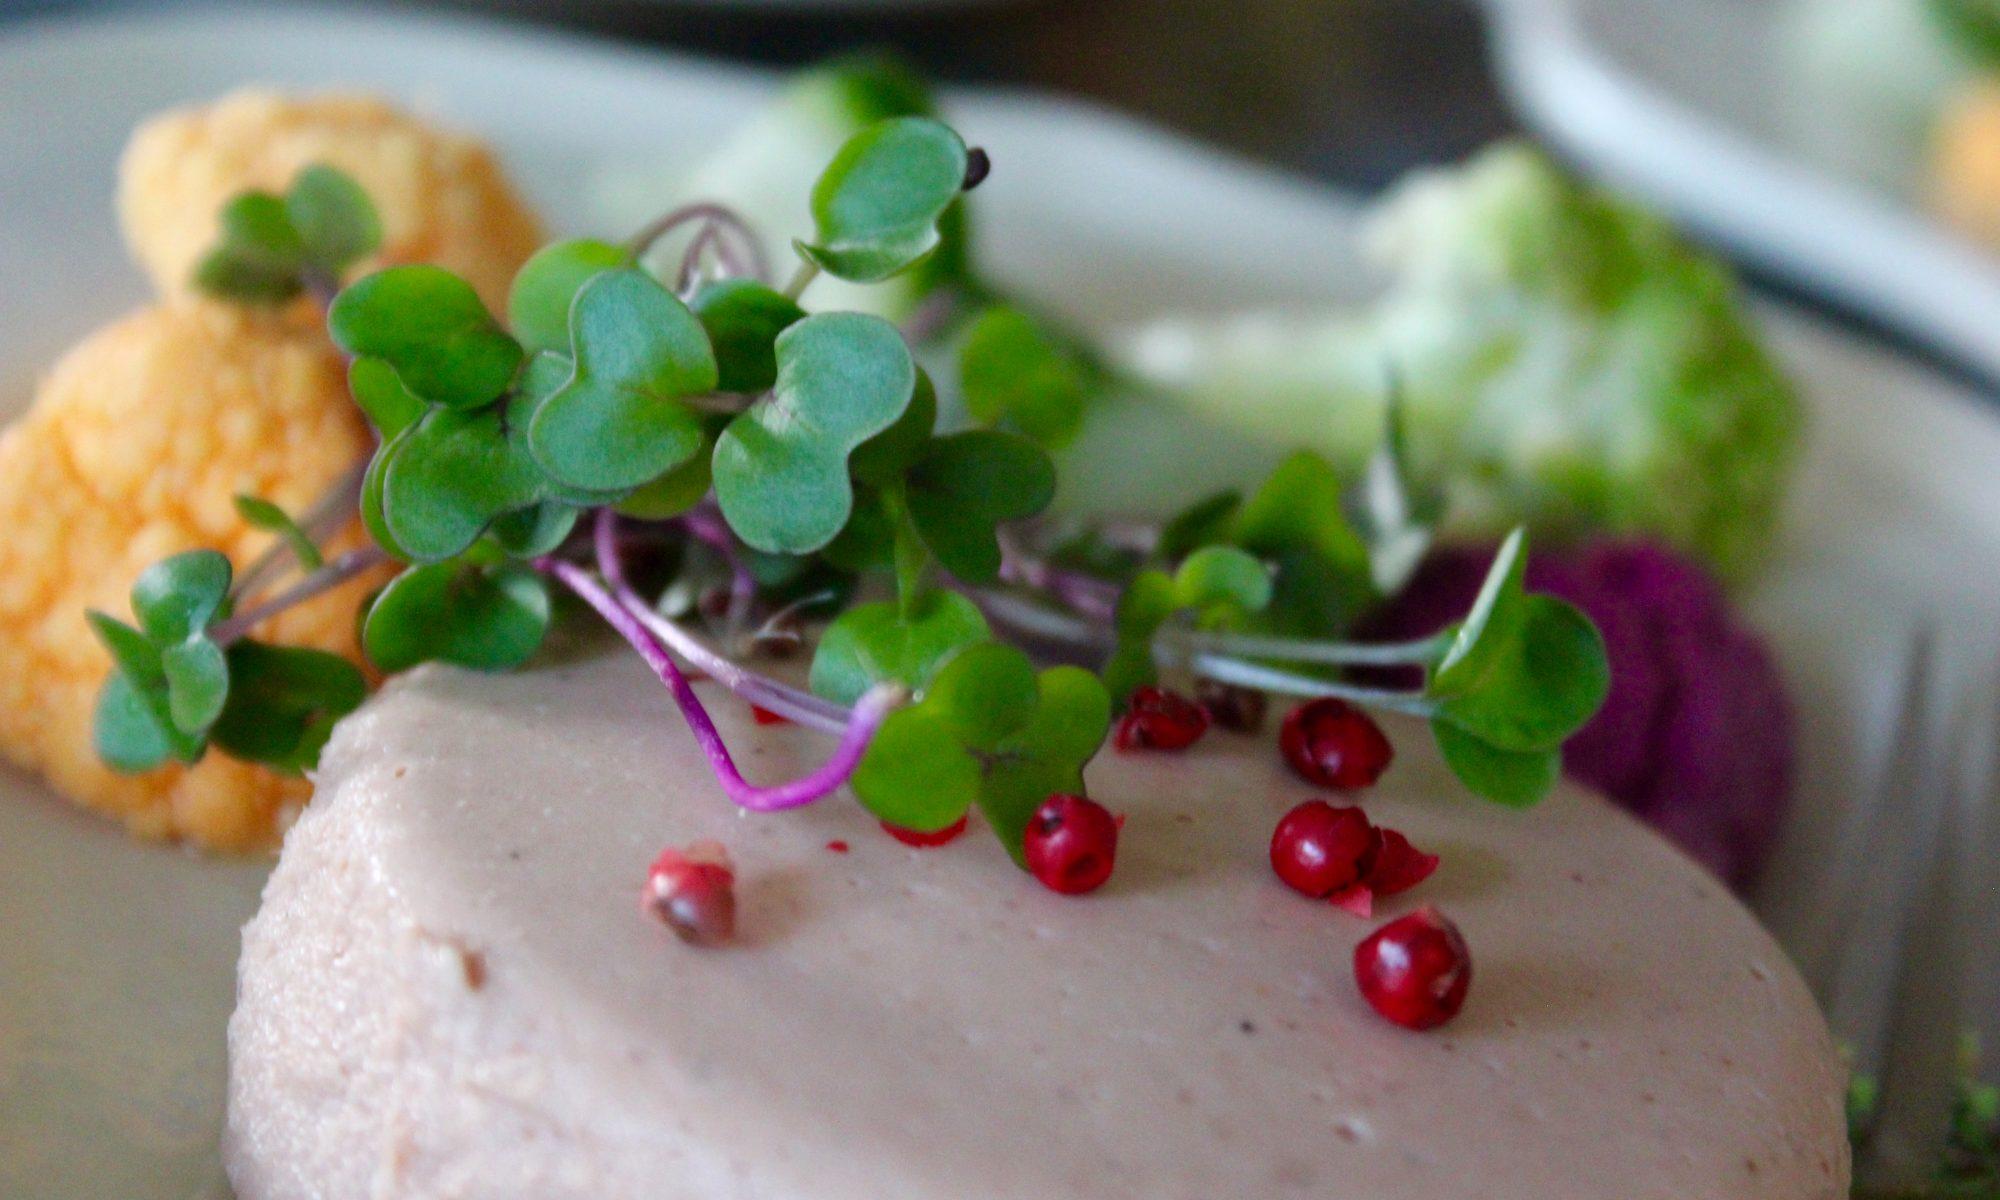 """""""Tää on nyt vaan tällasta"""" L I L O U 's #lilous lifestyle savusilakkapaté #tenonluonnontuote #pinoafoods #kotikeittiö #macuisine #food paté de hareng de la Baltique fumé"""